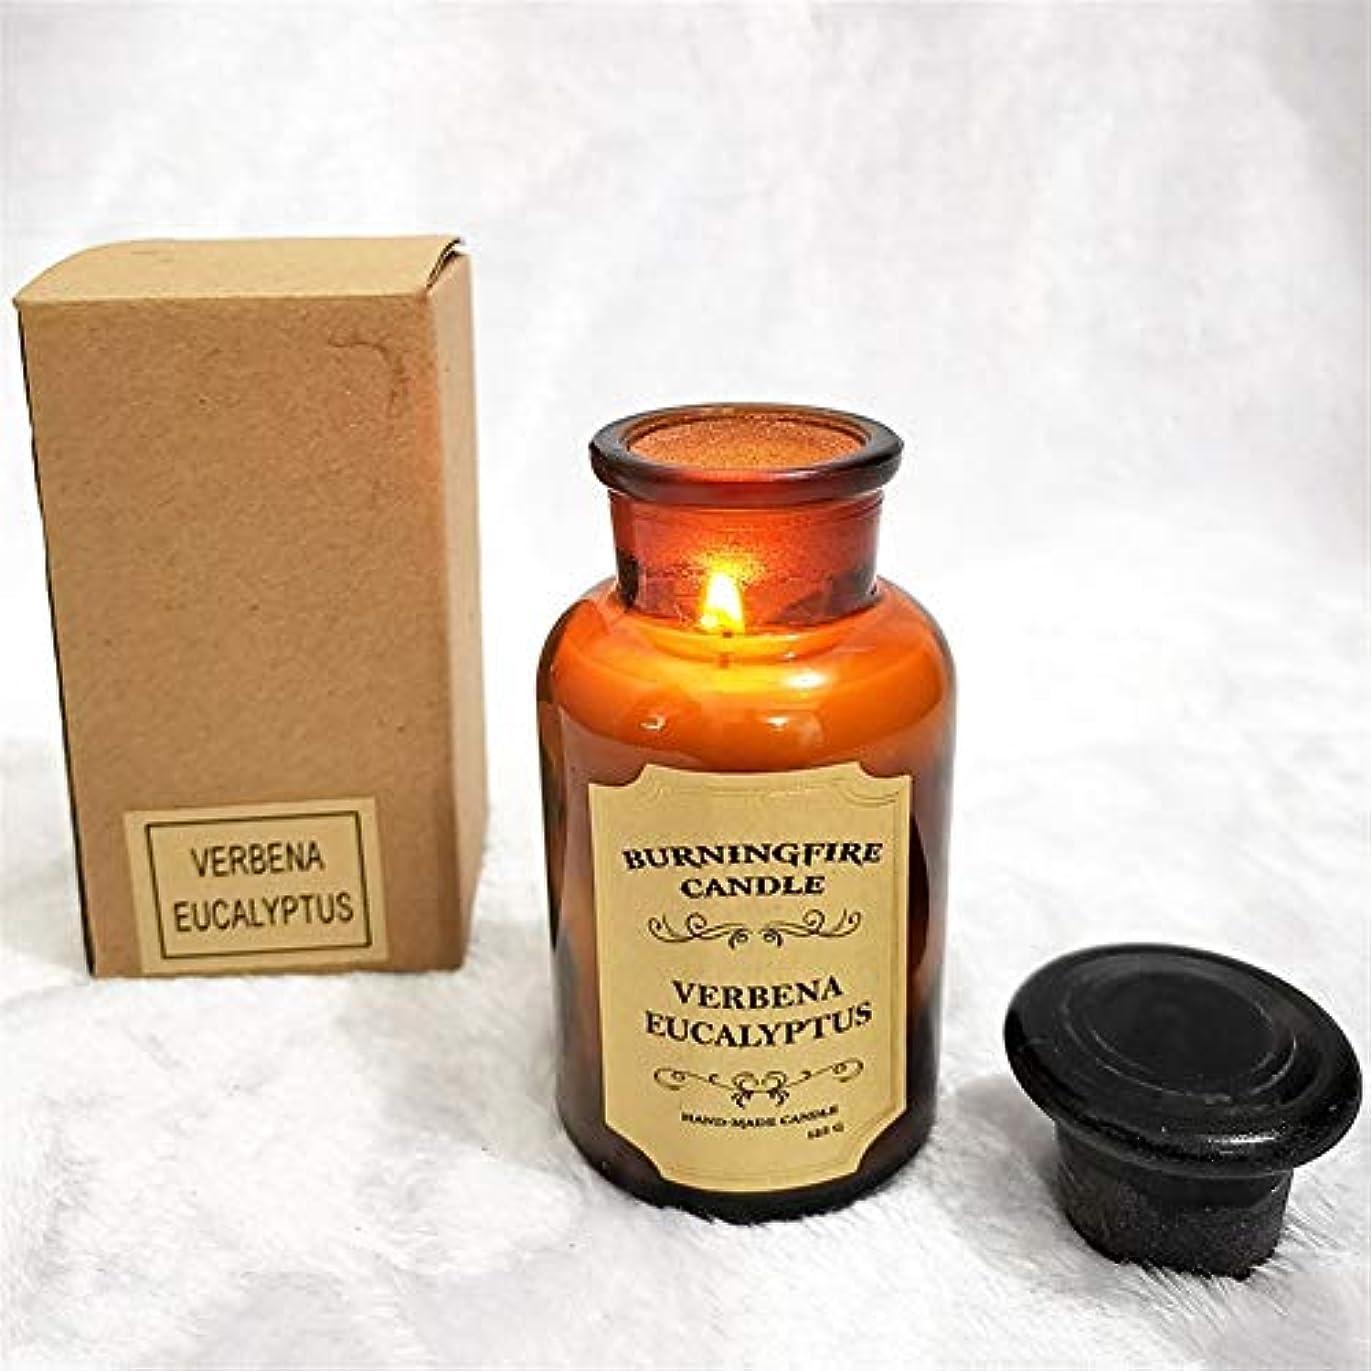 を除く帝国主義ピジンGuomao 香り手作りギフトガラスローソク足ロマンチックな香りのキャンドル香りのキャンドル誕生日キャンドル (色 : Orange peel)